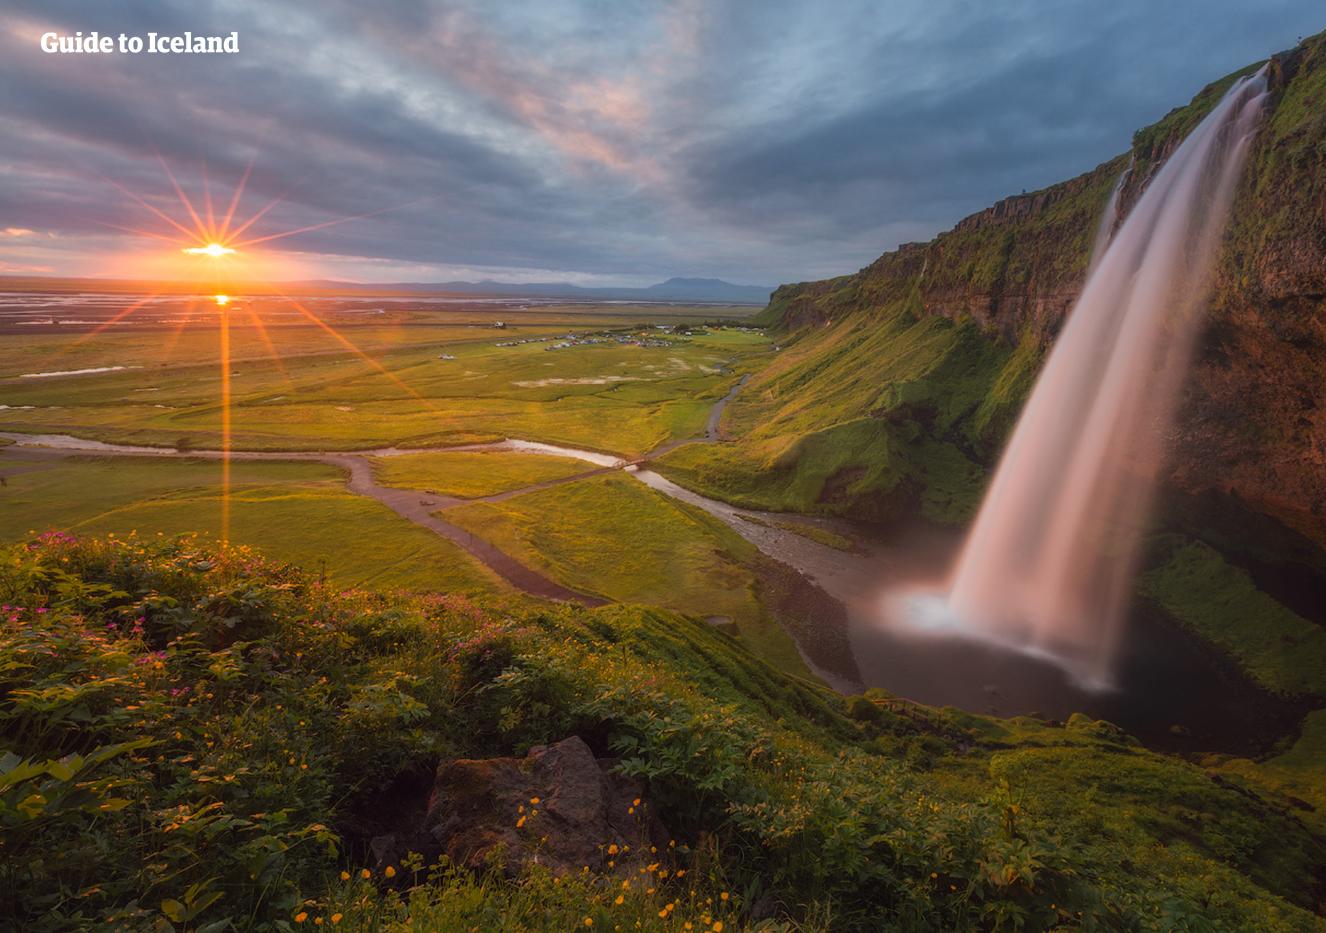 Magiczna kaskada wodospadu Seljalandsfoss skąpana w świetle zachodzącego słońca.